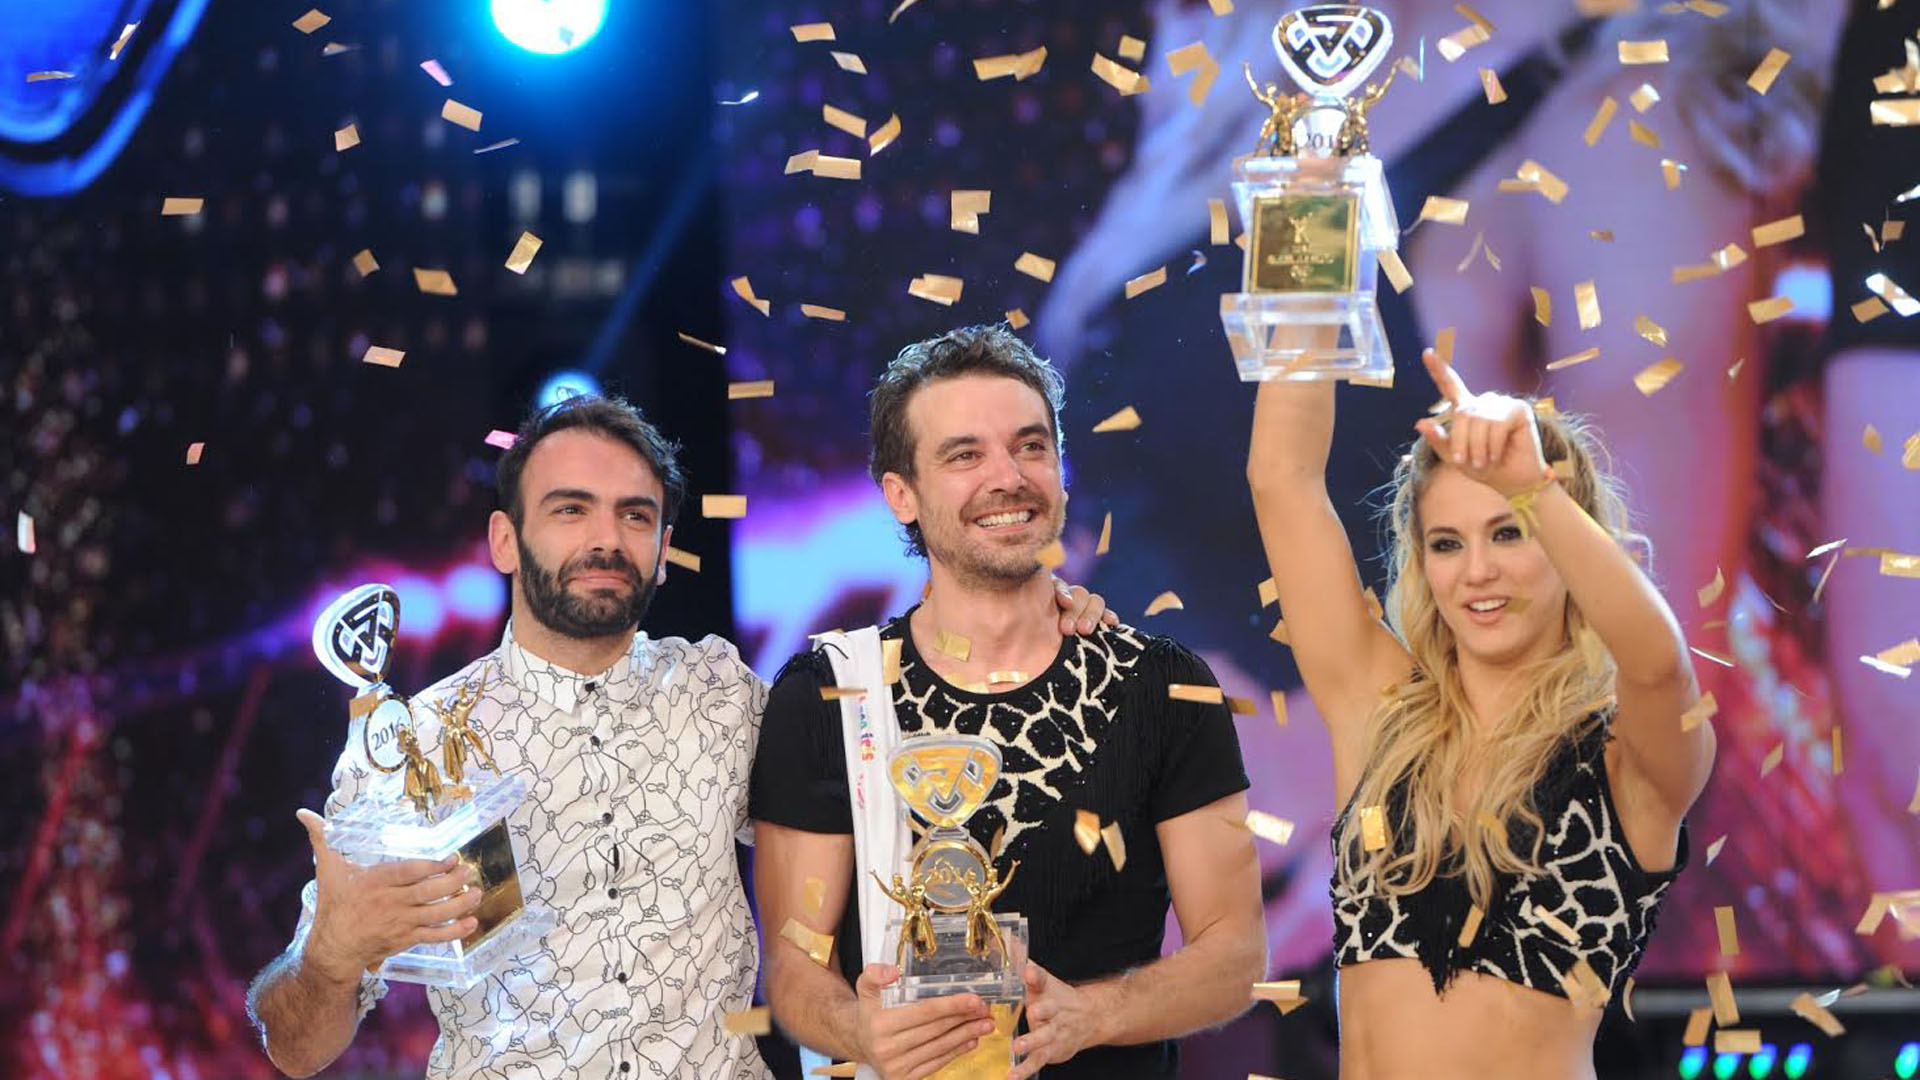 La bailarina junto al actor y ex productor de ShowMatch, cuando se alzaron con el título del Bailando el año pasado